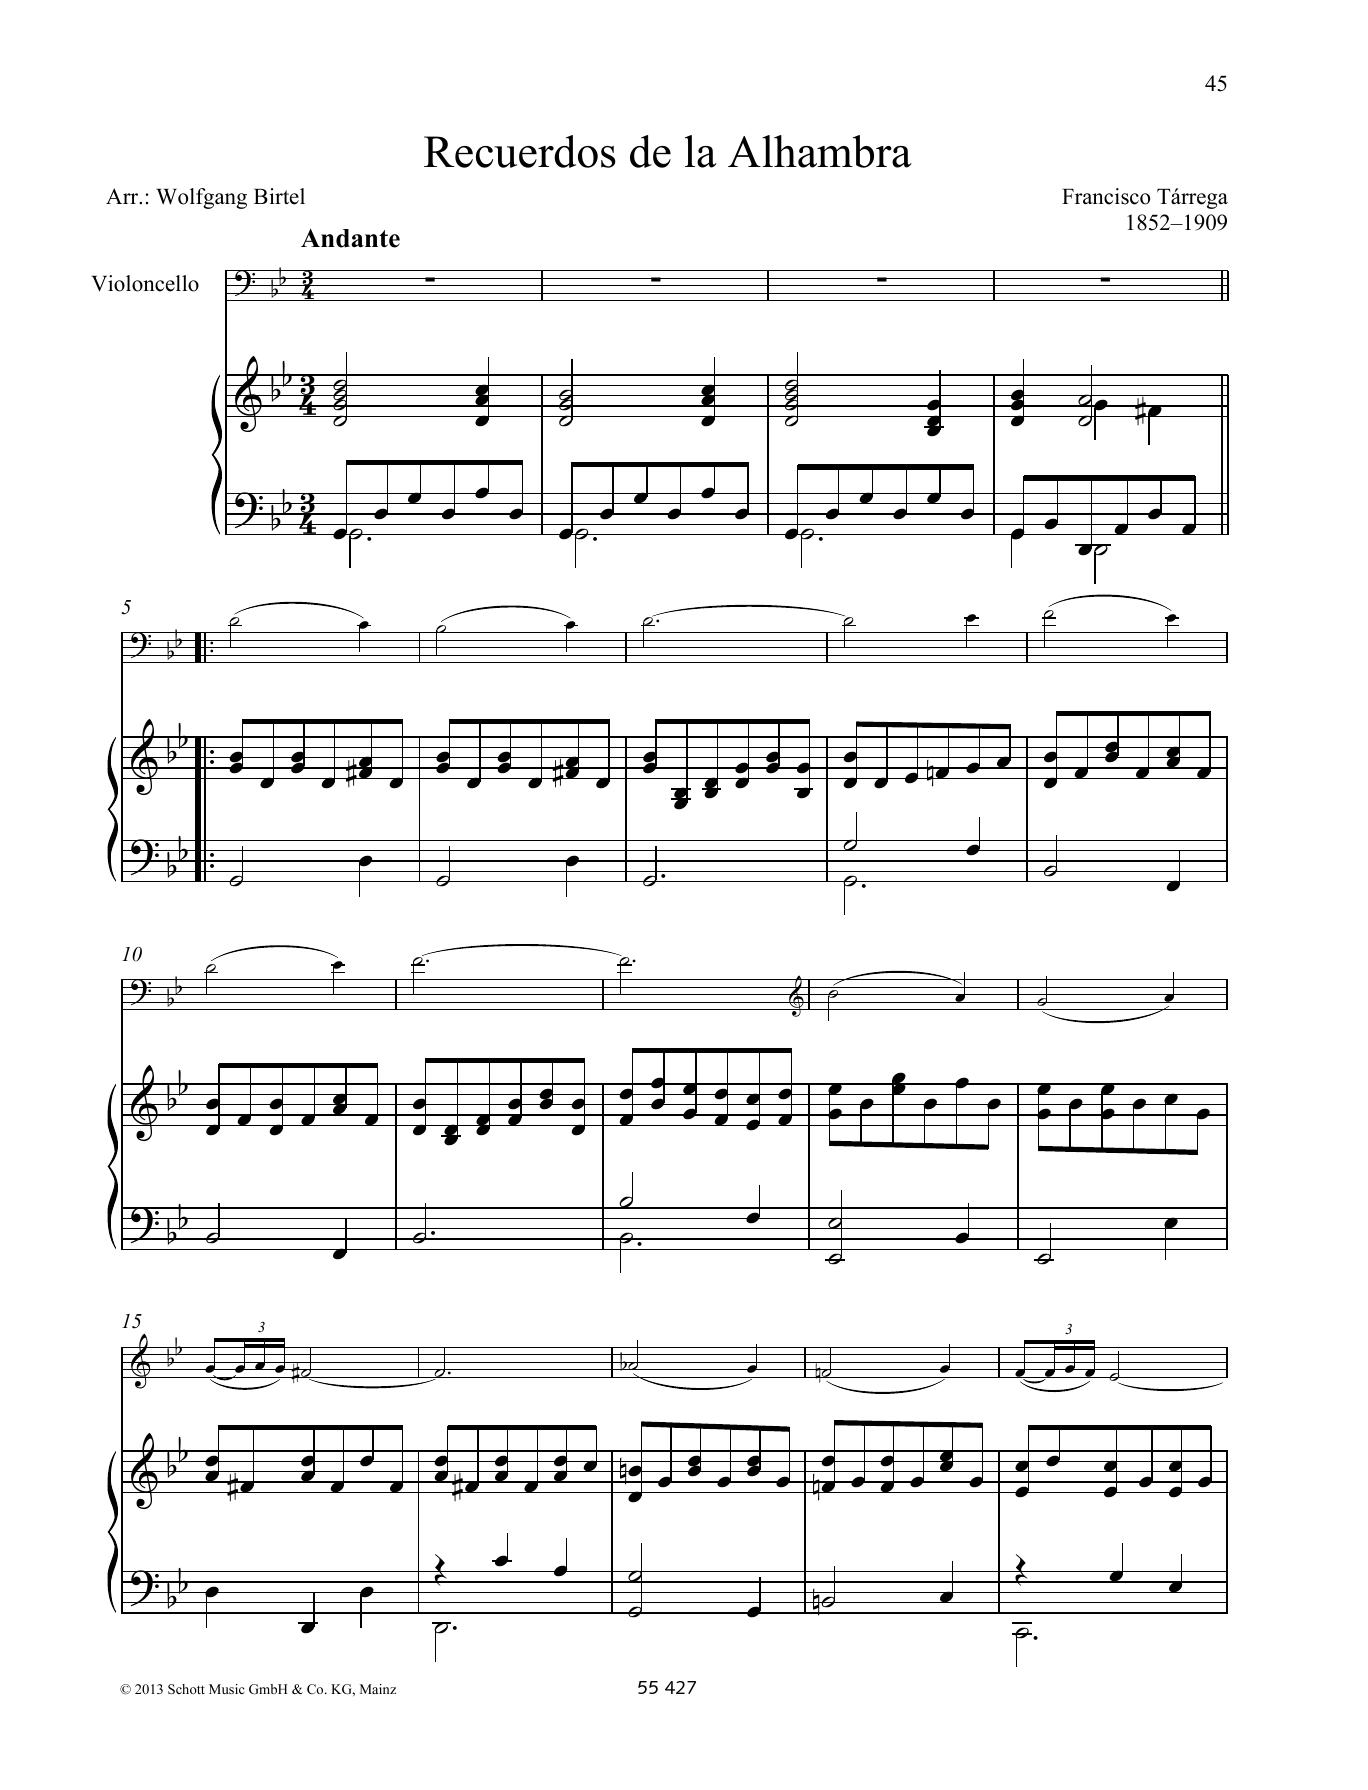 Recuerdos de la Alhambra Sheet Music